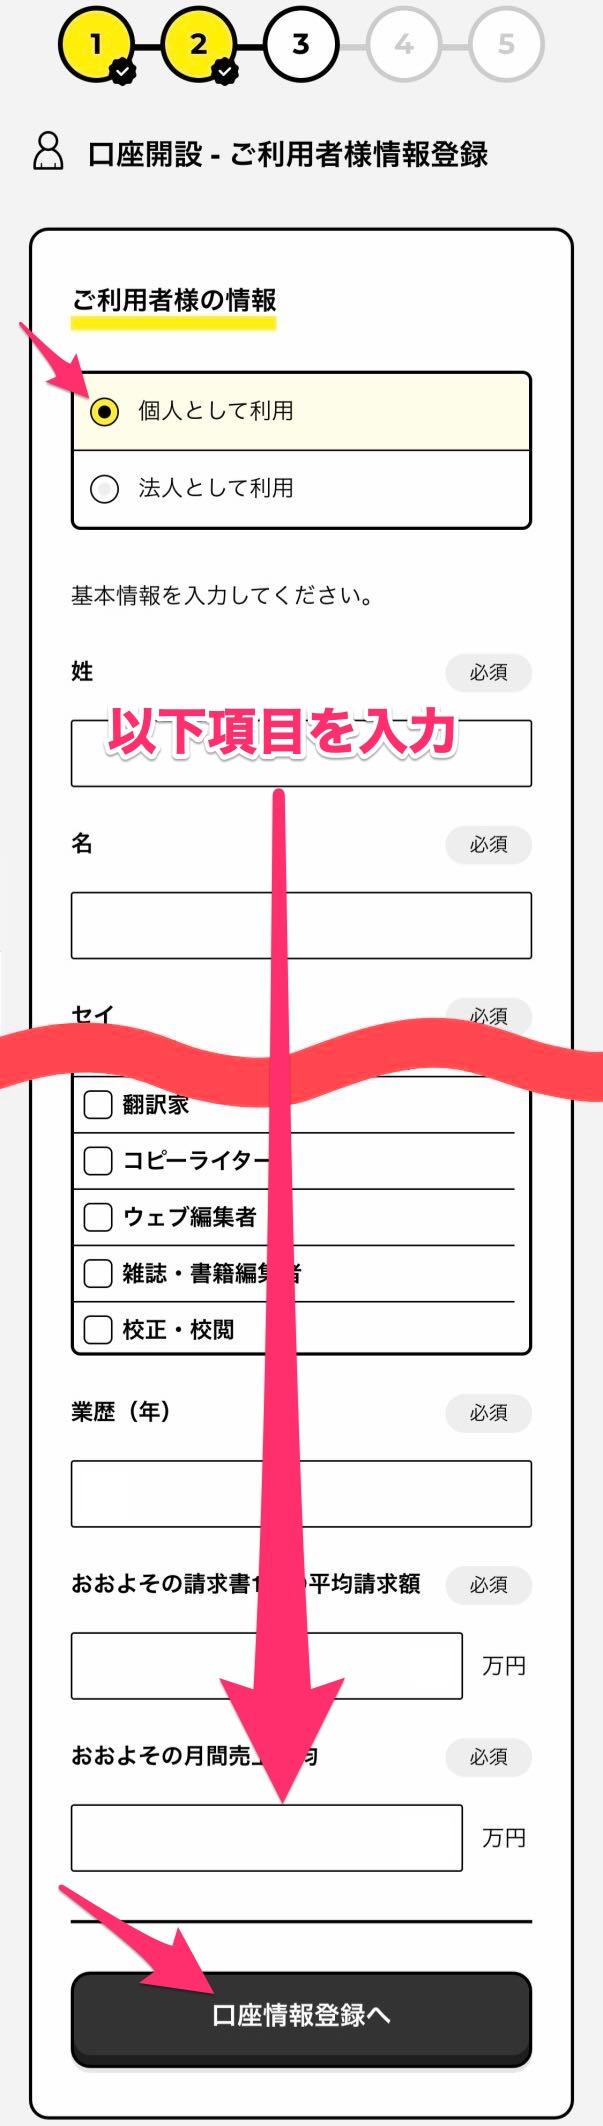 フリーナンスの利用者情報の登録